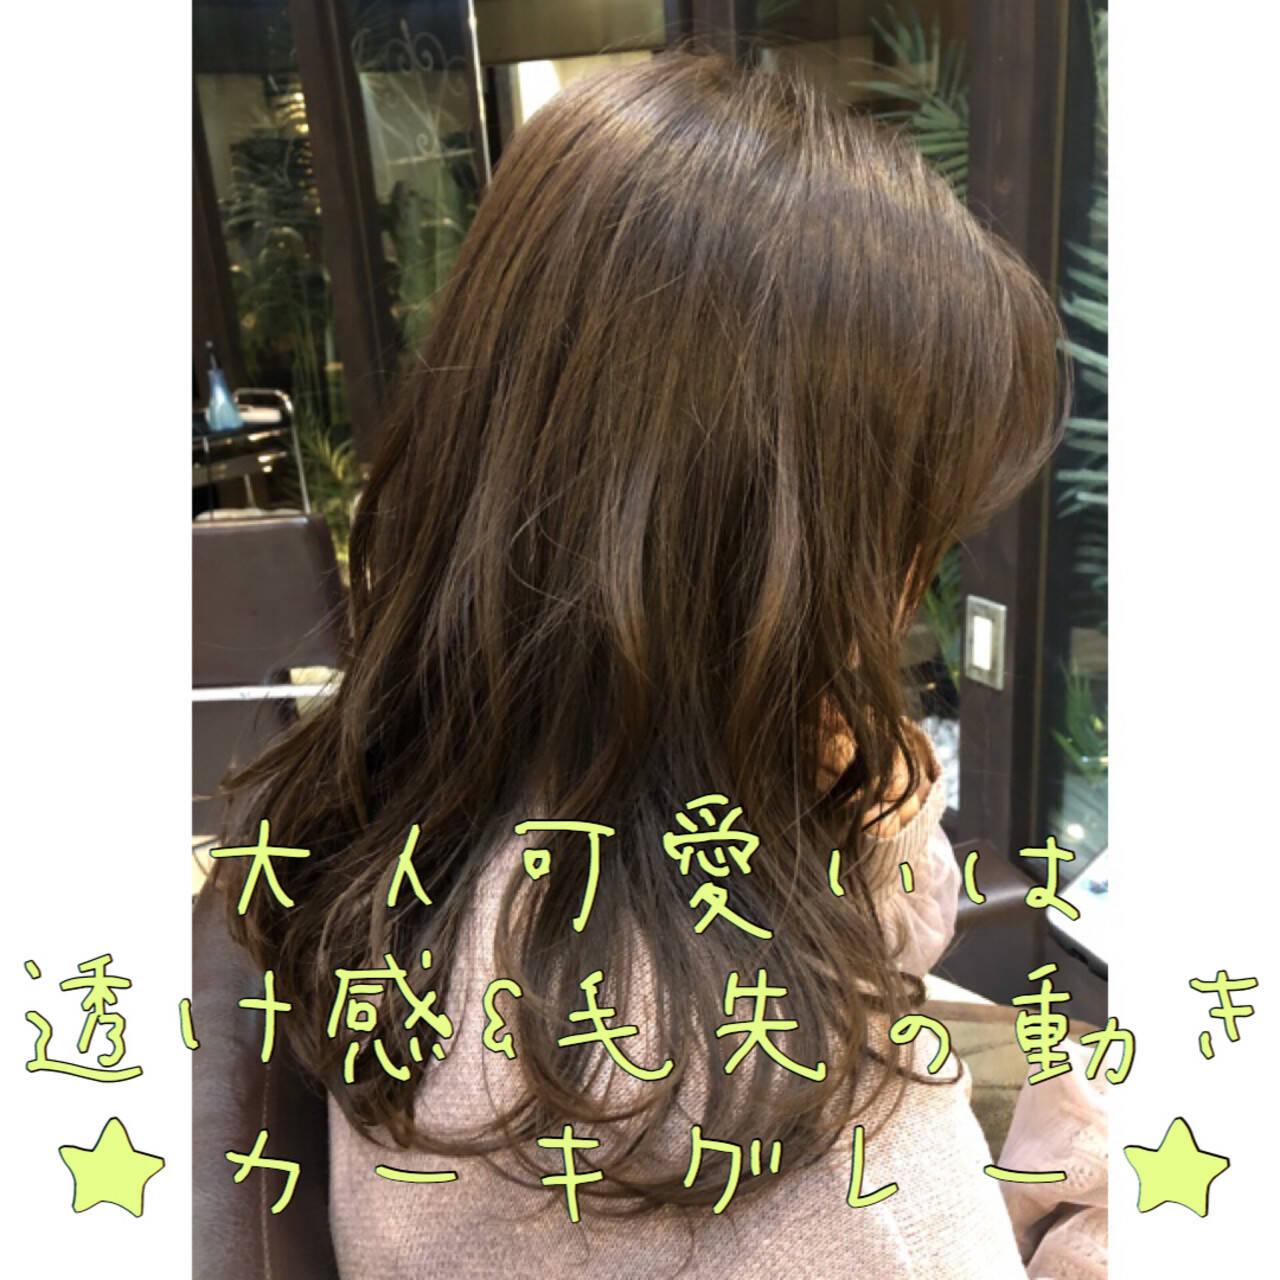 セミロング 女子ウケ 大人可愛い ゆるふわヘアスタイルや髪型の写真・画像